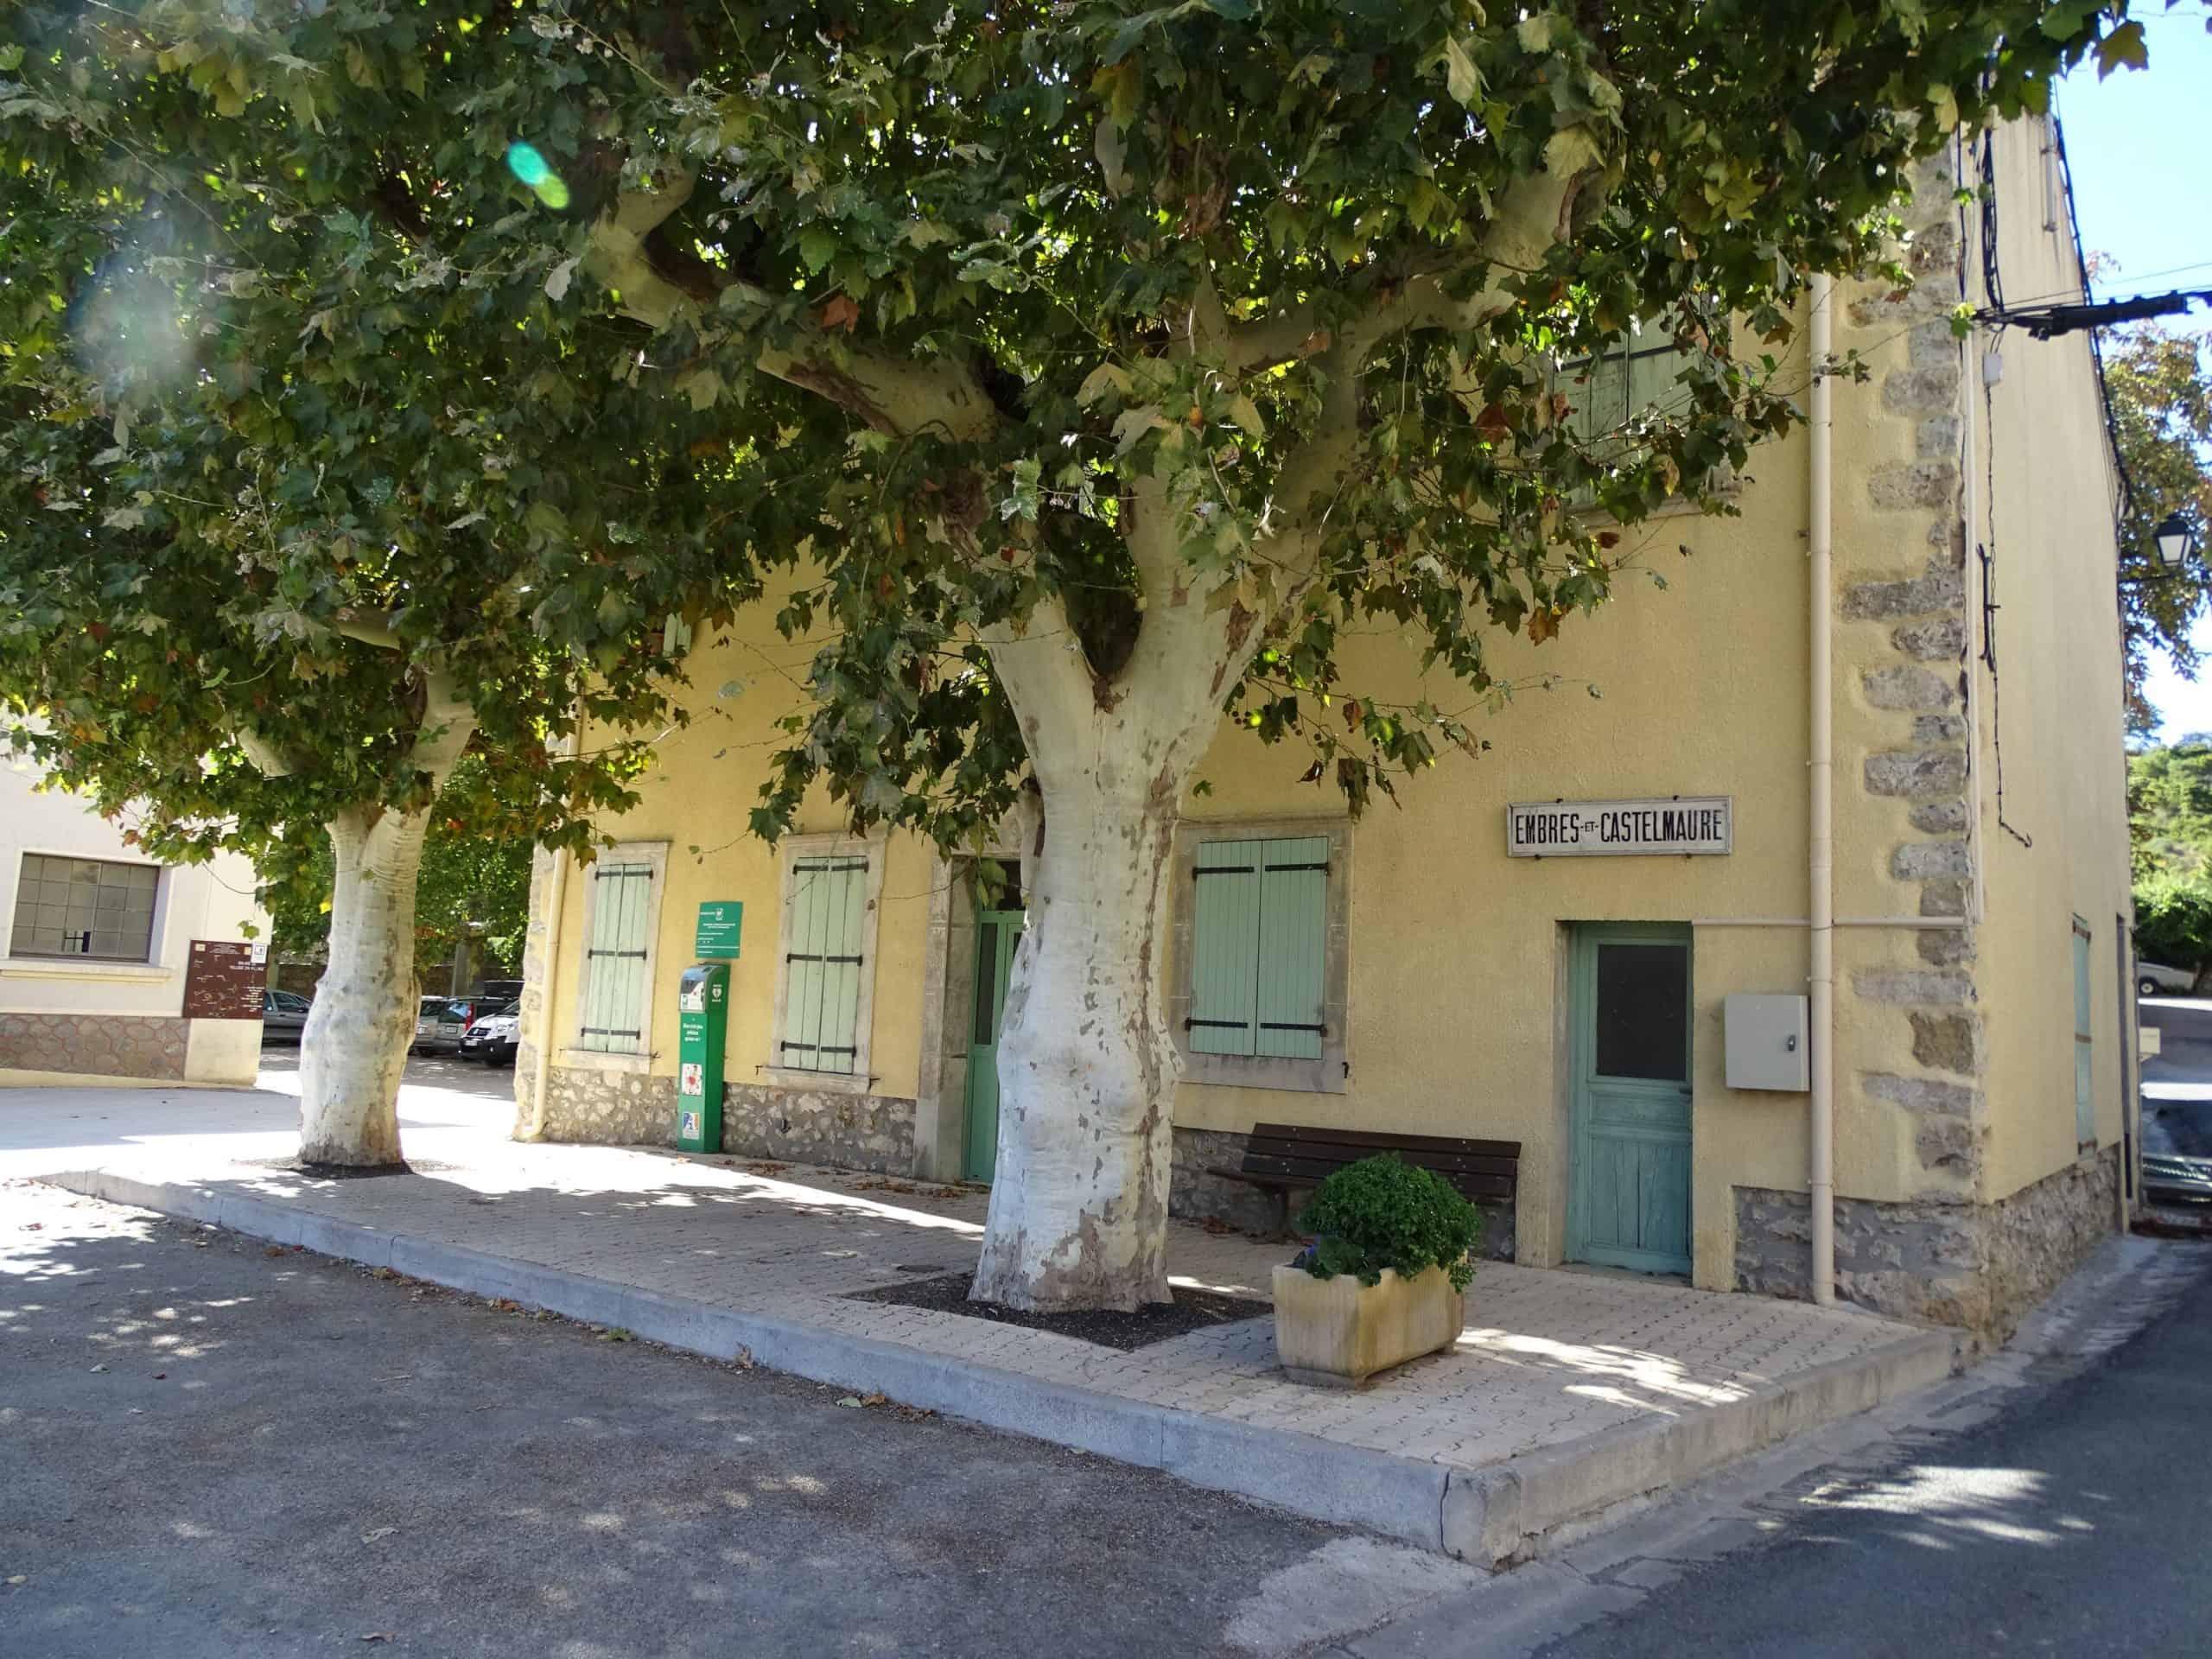 Castelmaure, Aude